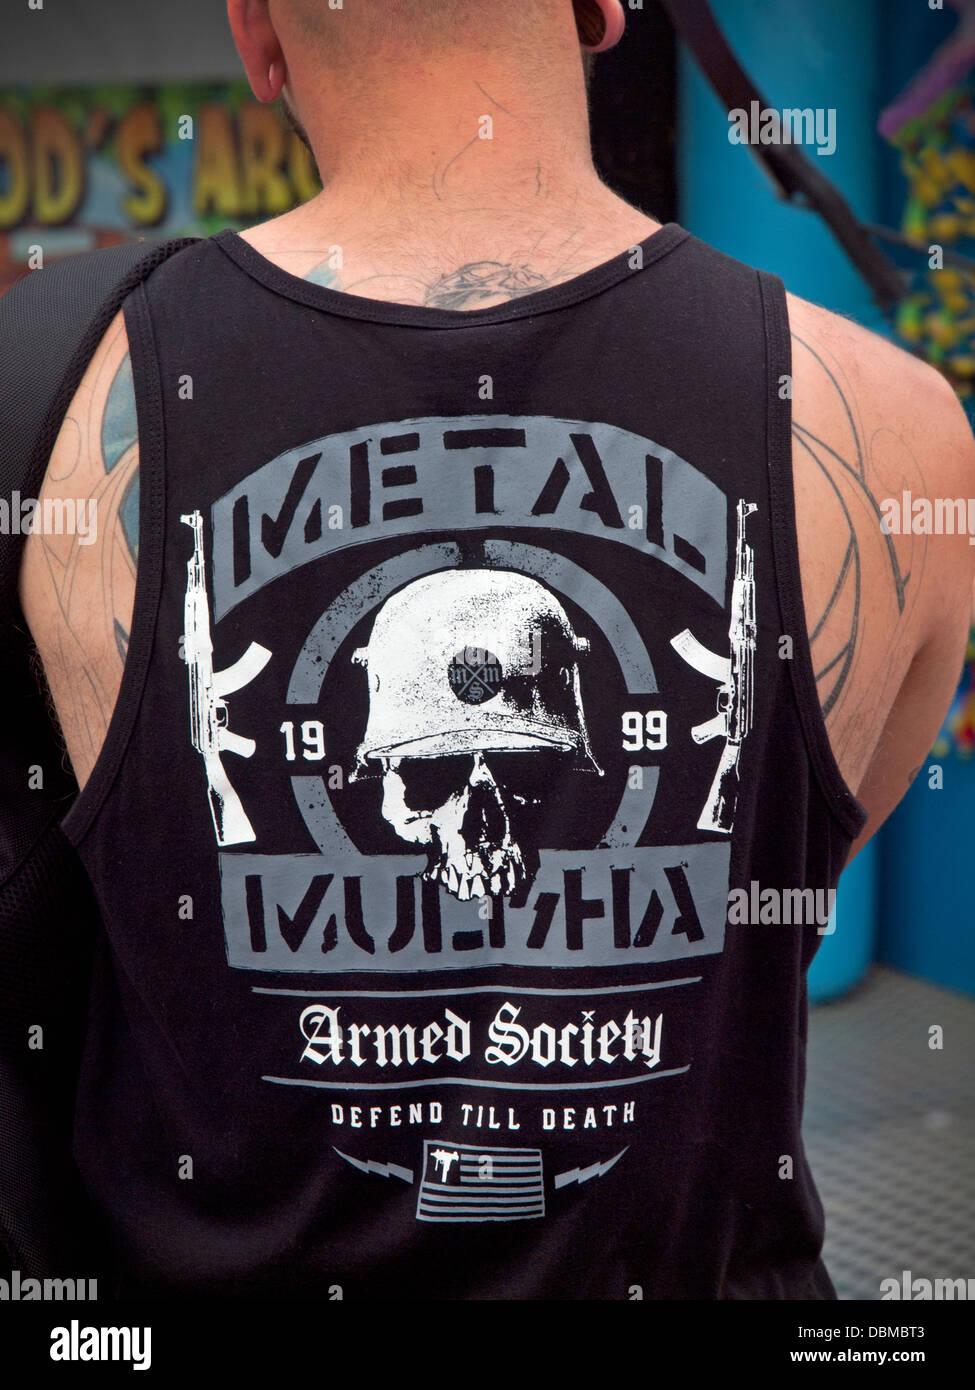 A Metal Mulisha teeshirt worn by a young man - Stock Image